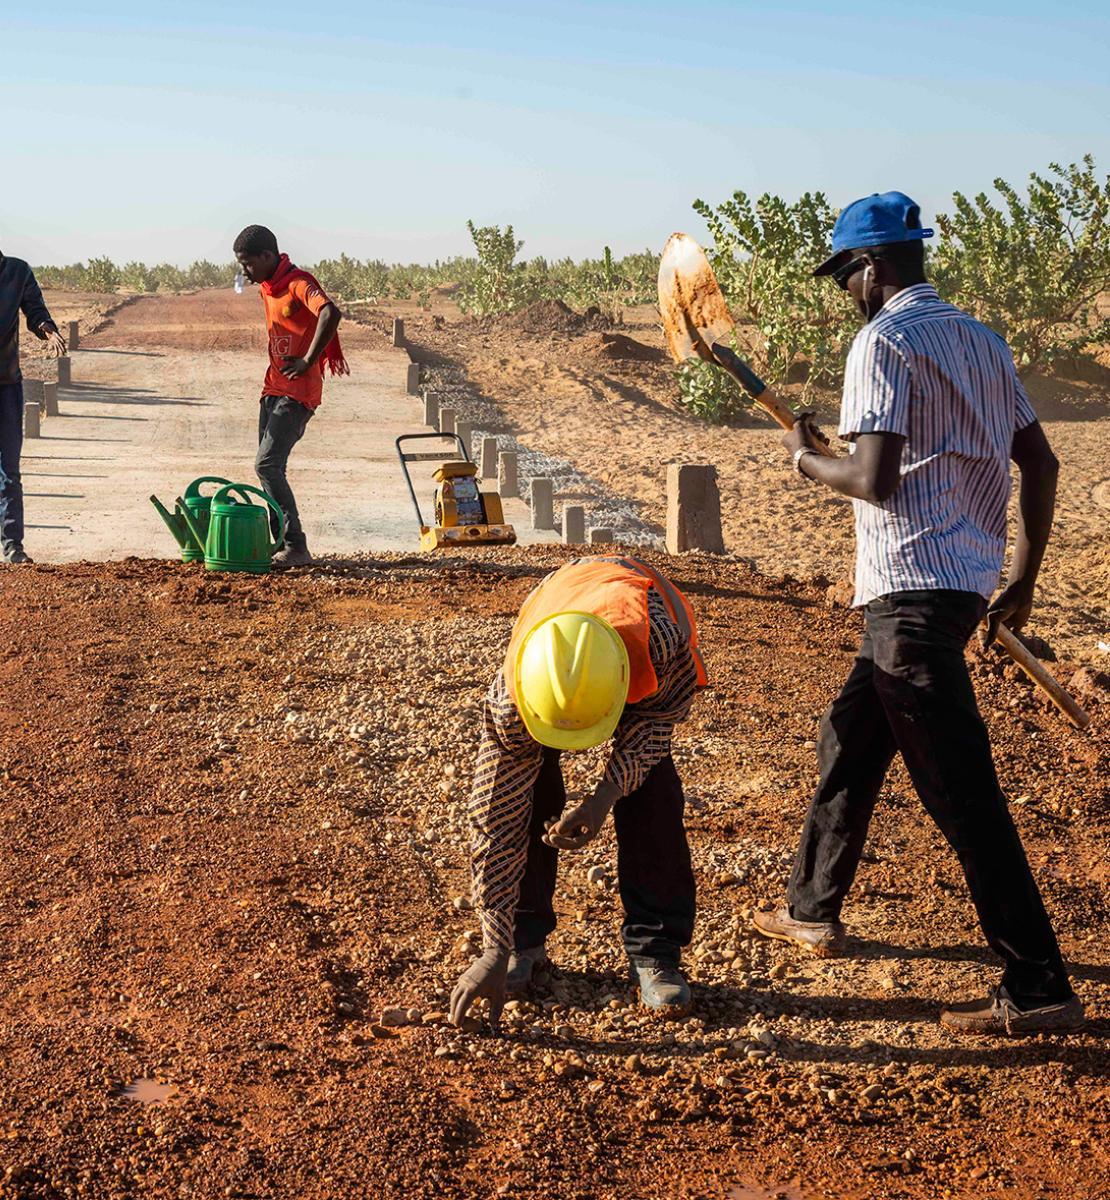 صورة لأربعة أشخاص يعملون في موقع بناء في الصحراء.